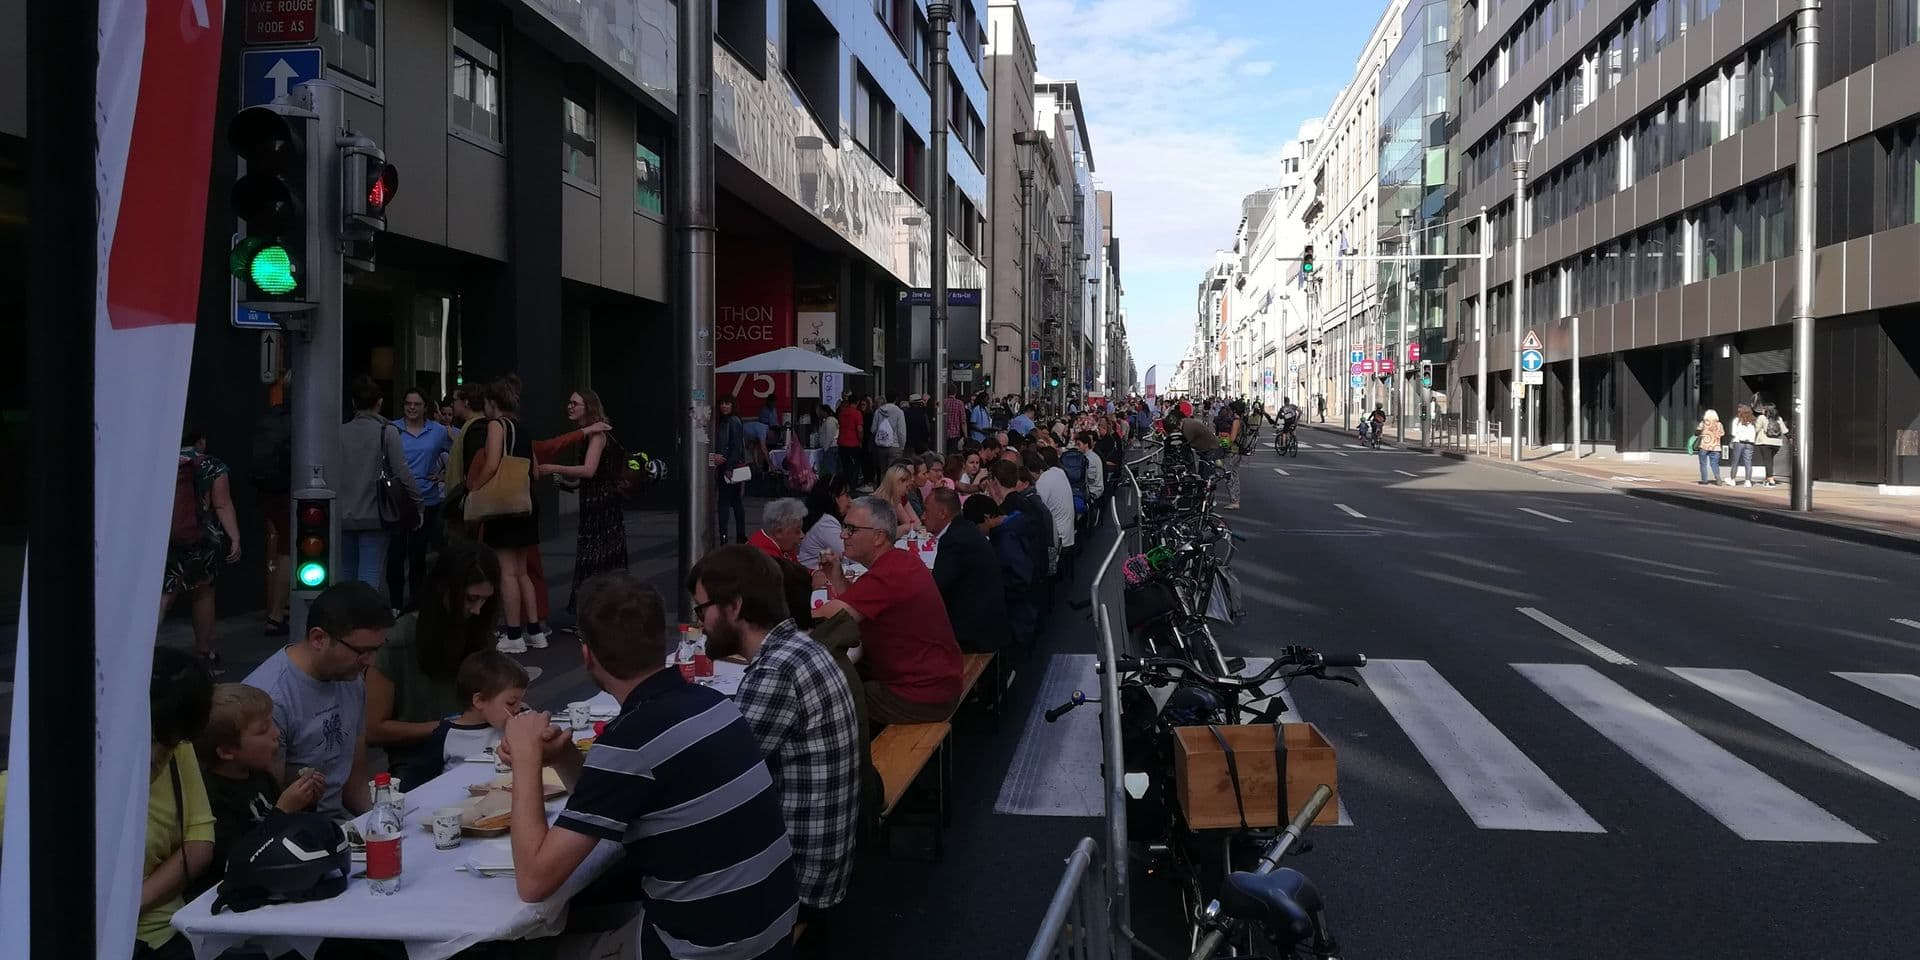 Journée sans voiture: la rue de la Loi se transforme en un immense banquet